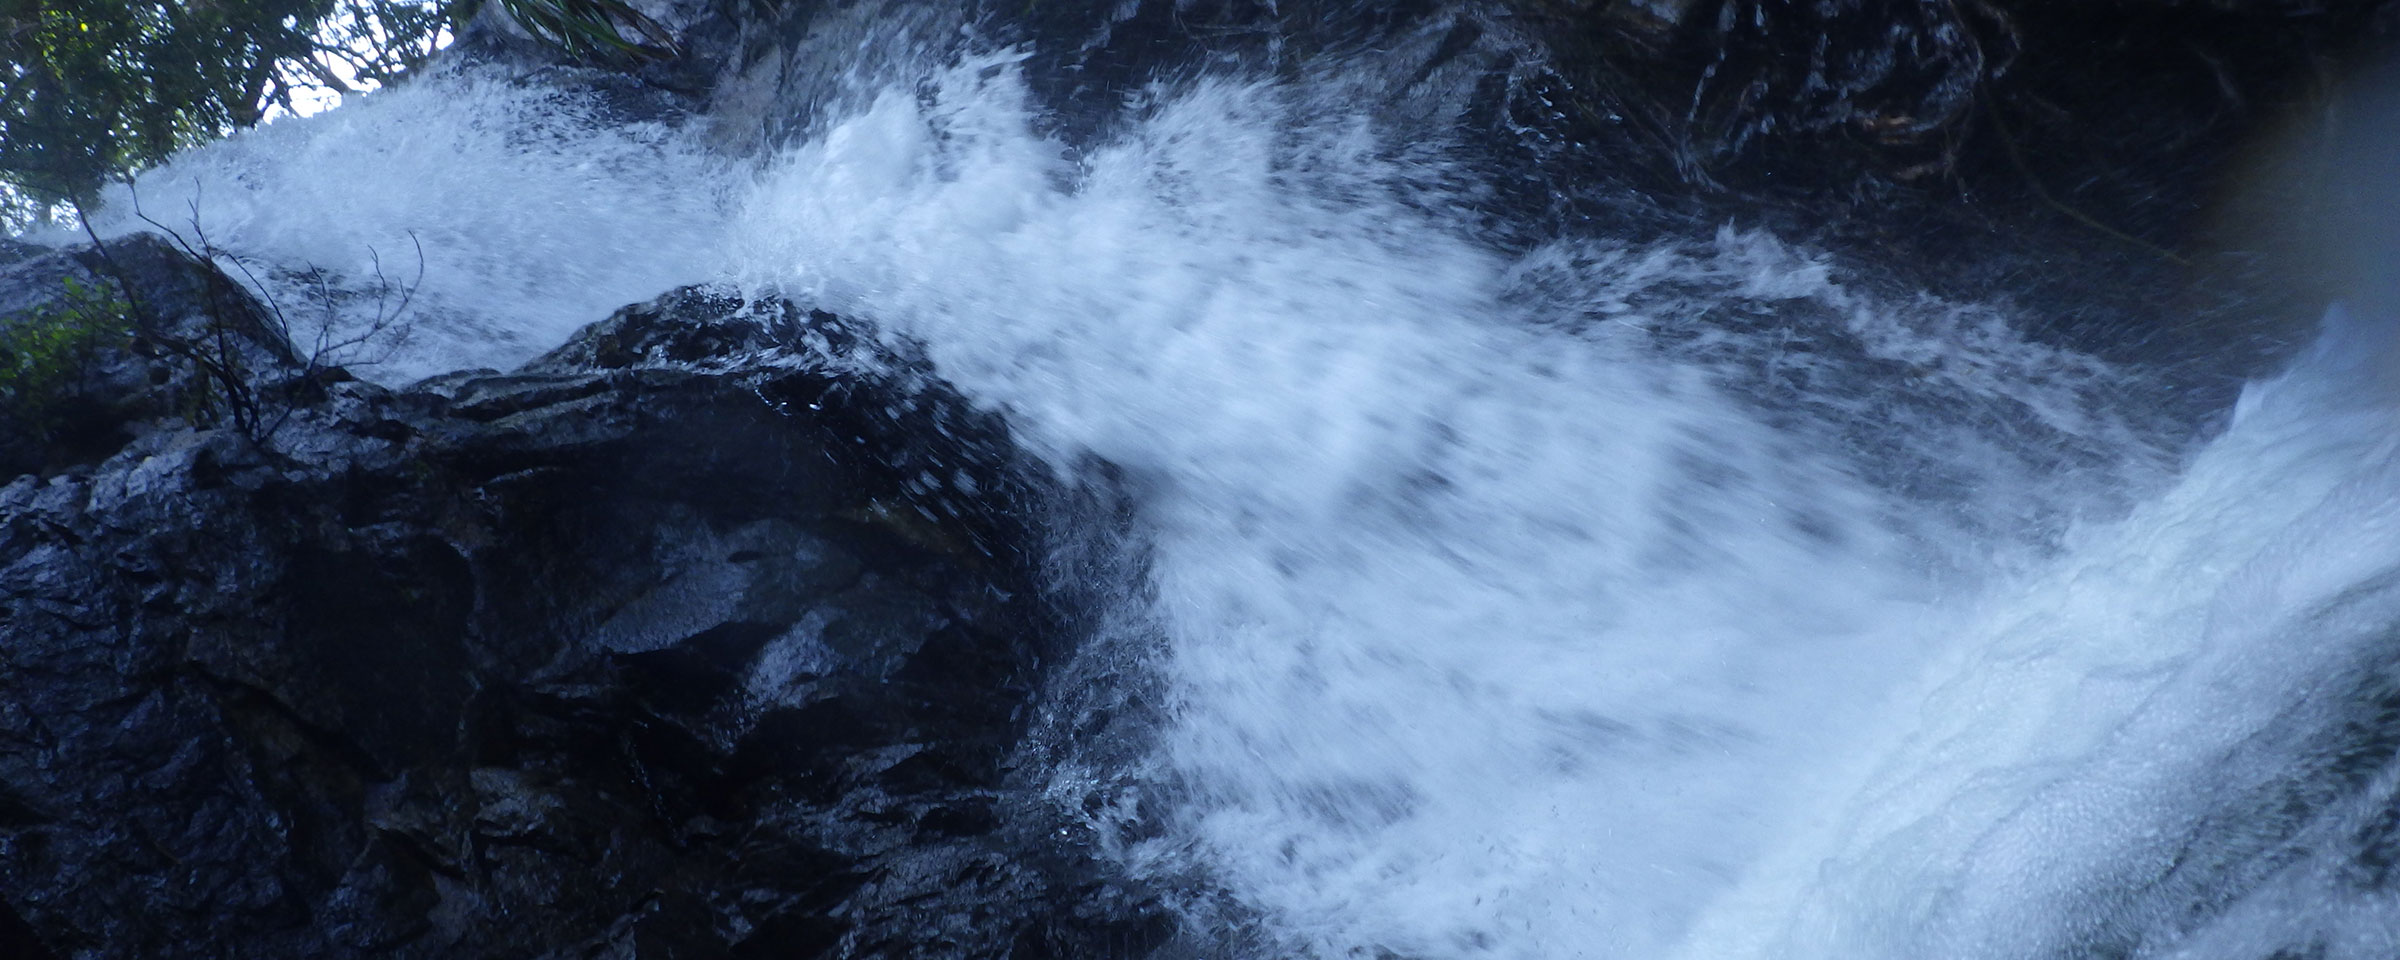 Nagkalit-kalit Falls